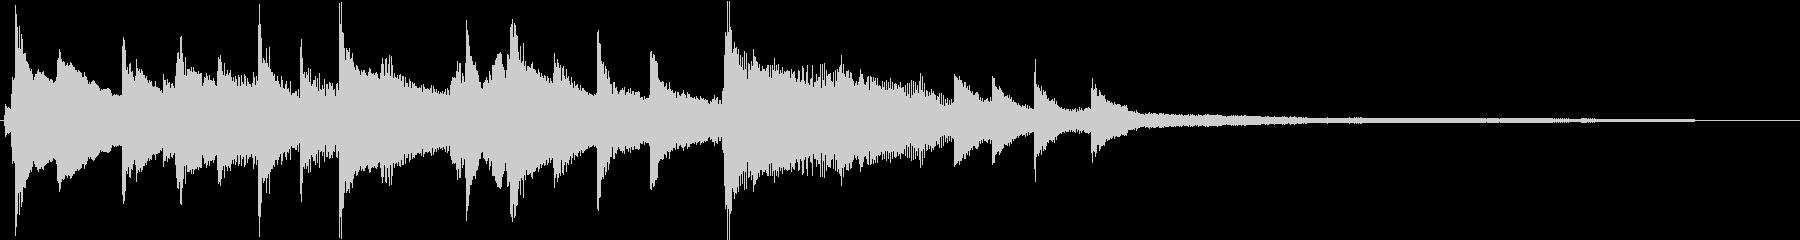 スイングしたリズムのピアノサウンドロゴの未再生の波形